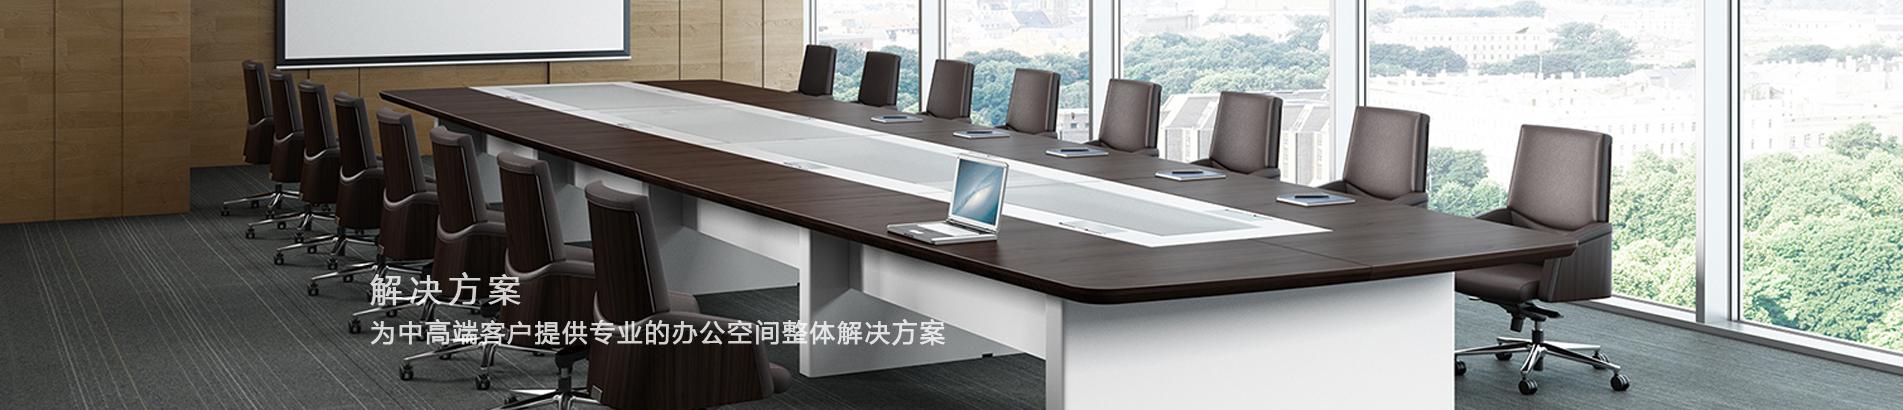 会议空间展示